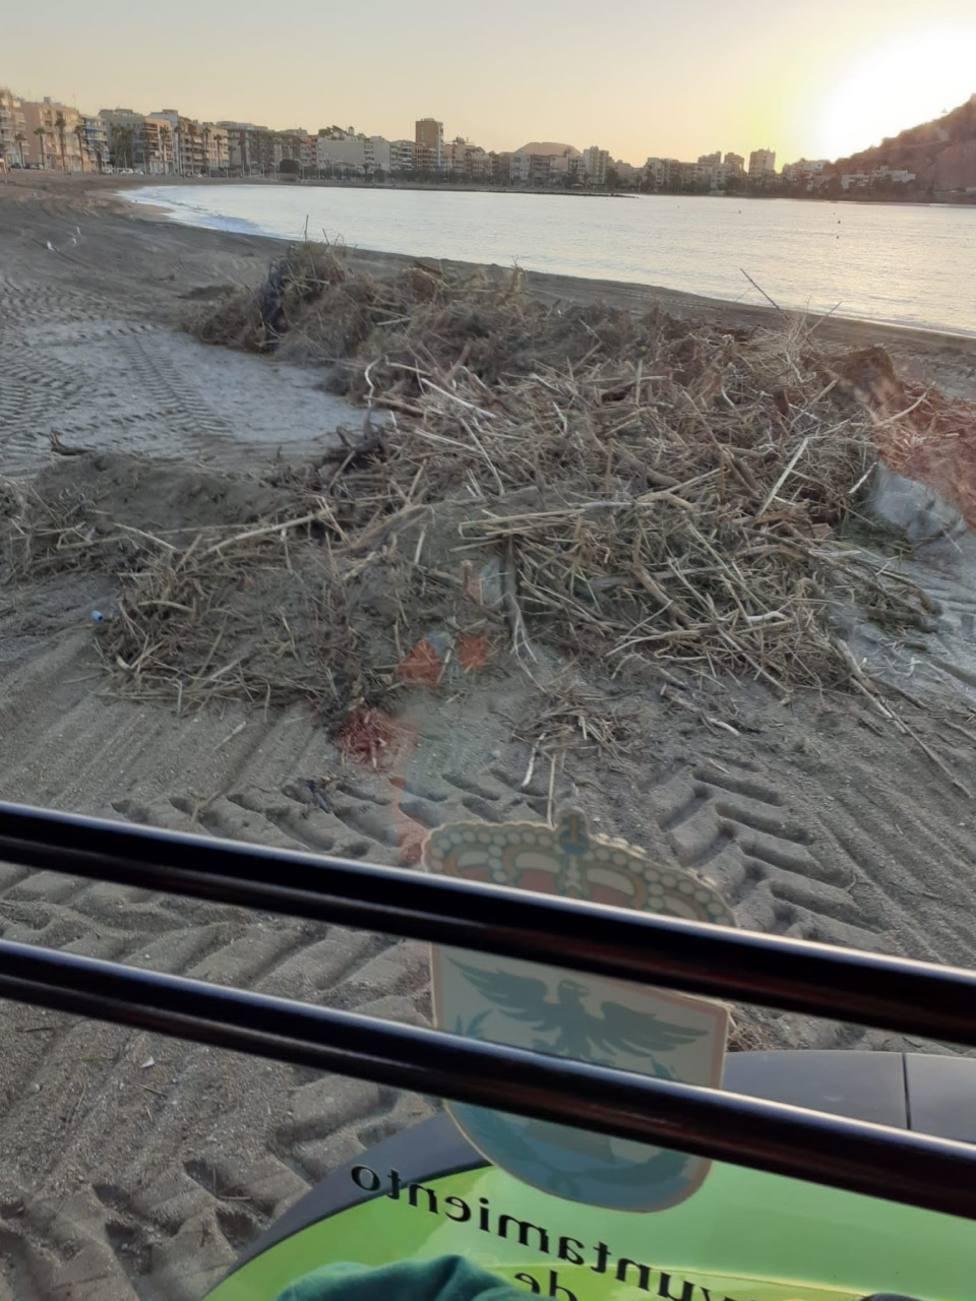 Las playas se recuperan lentamente tras los destrozos de las lluvias de la pasada semana